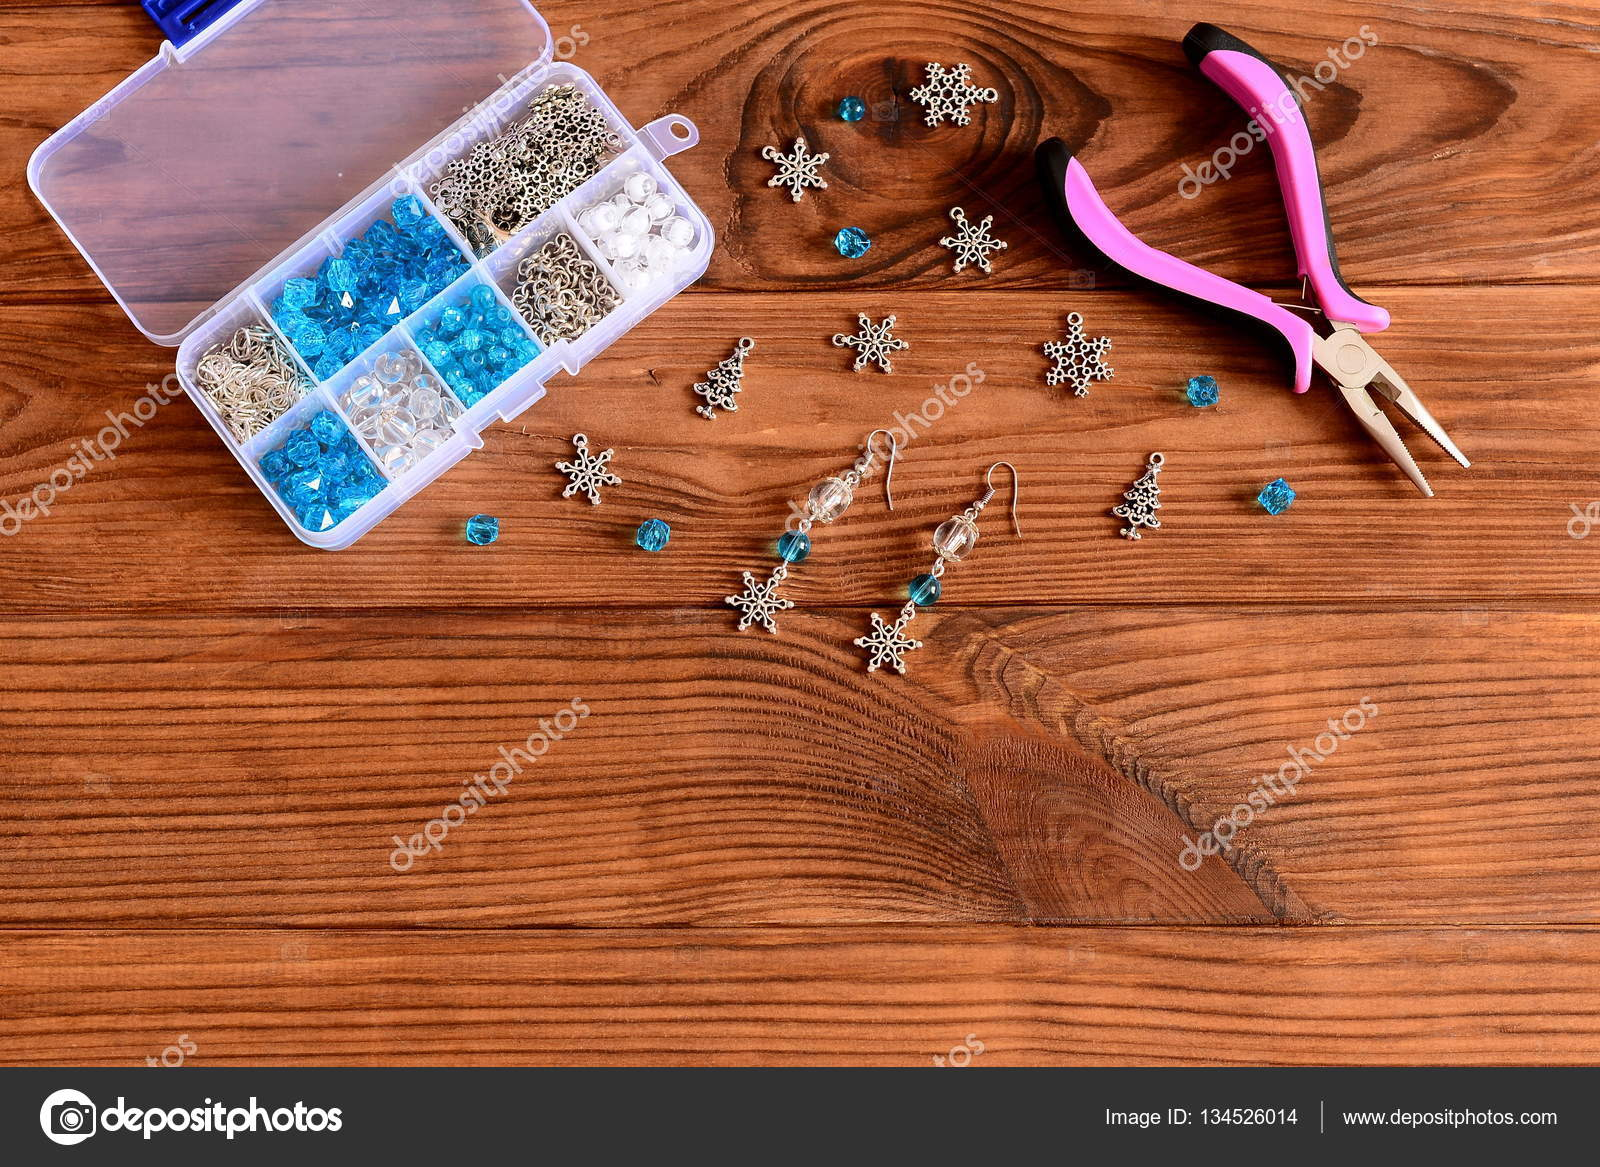 623b5ce3e781 Pendientes de araña mujer hechos a mano. Hermosos aretes hechos de cuentas  azules y blancas y los copos de nieve metal. Pinzas